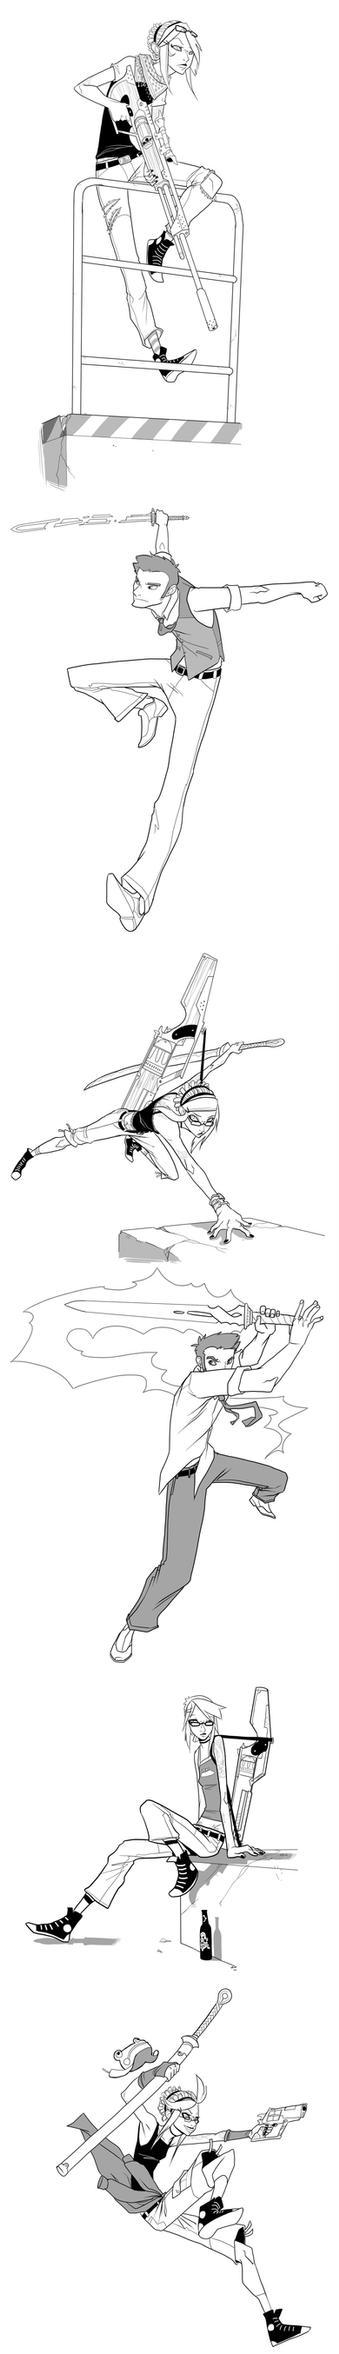 Kezzie, Declan, Guns, Swords, etc. by Ekuneshiel